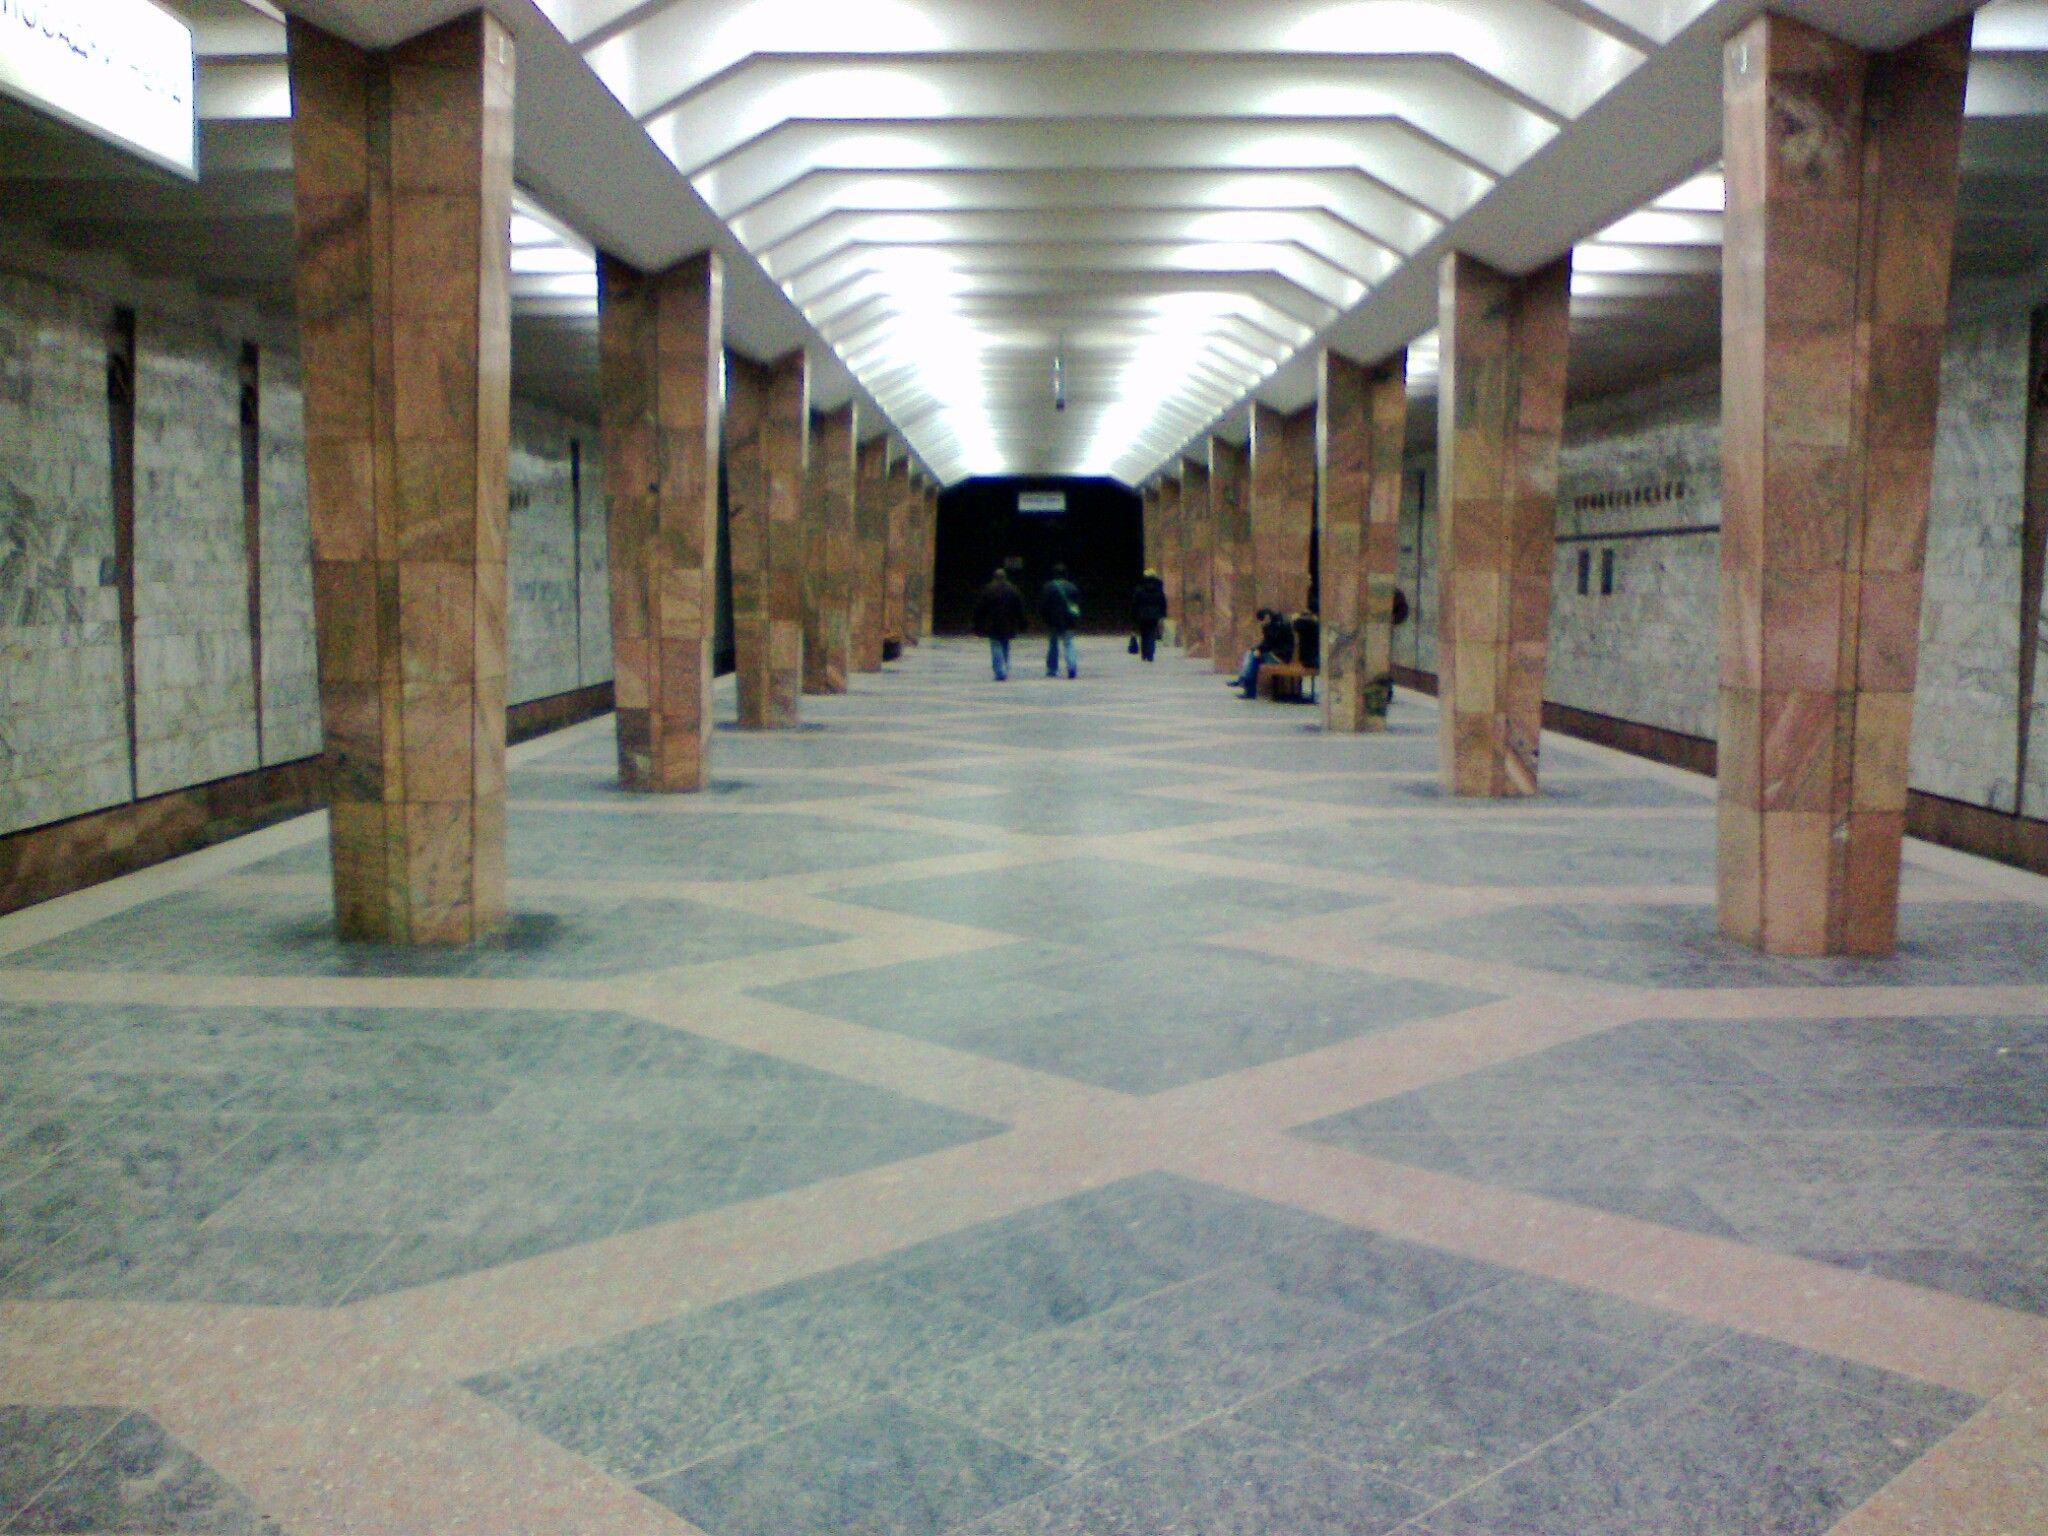 В переходе харьковской станции метро гонялись за пенсионером